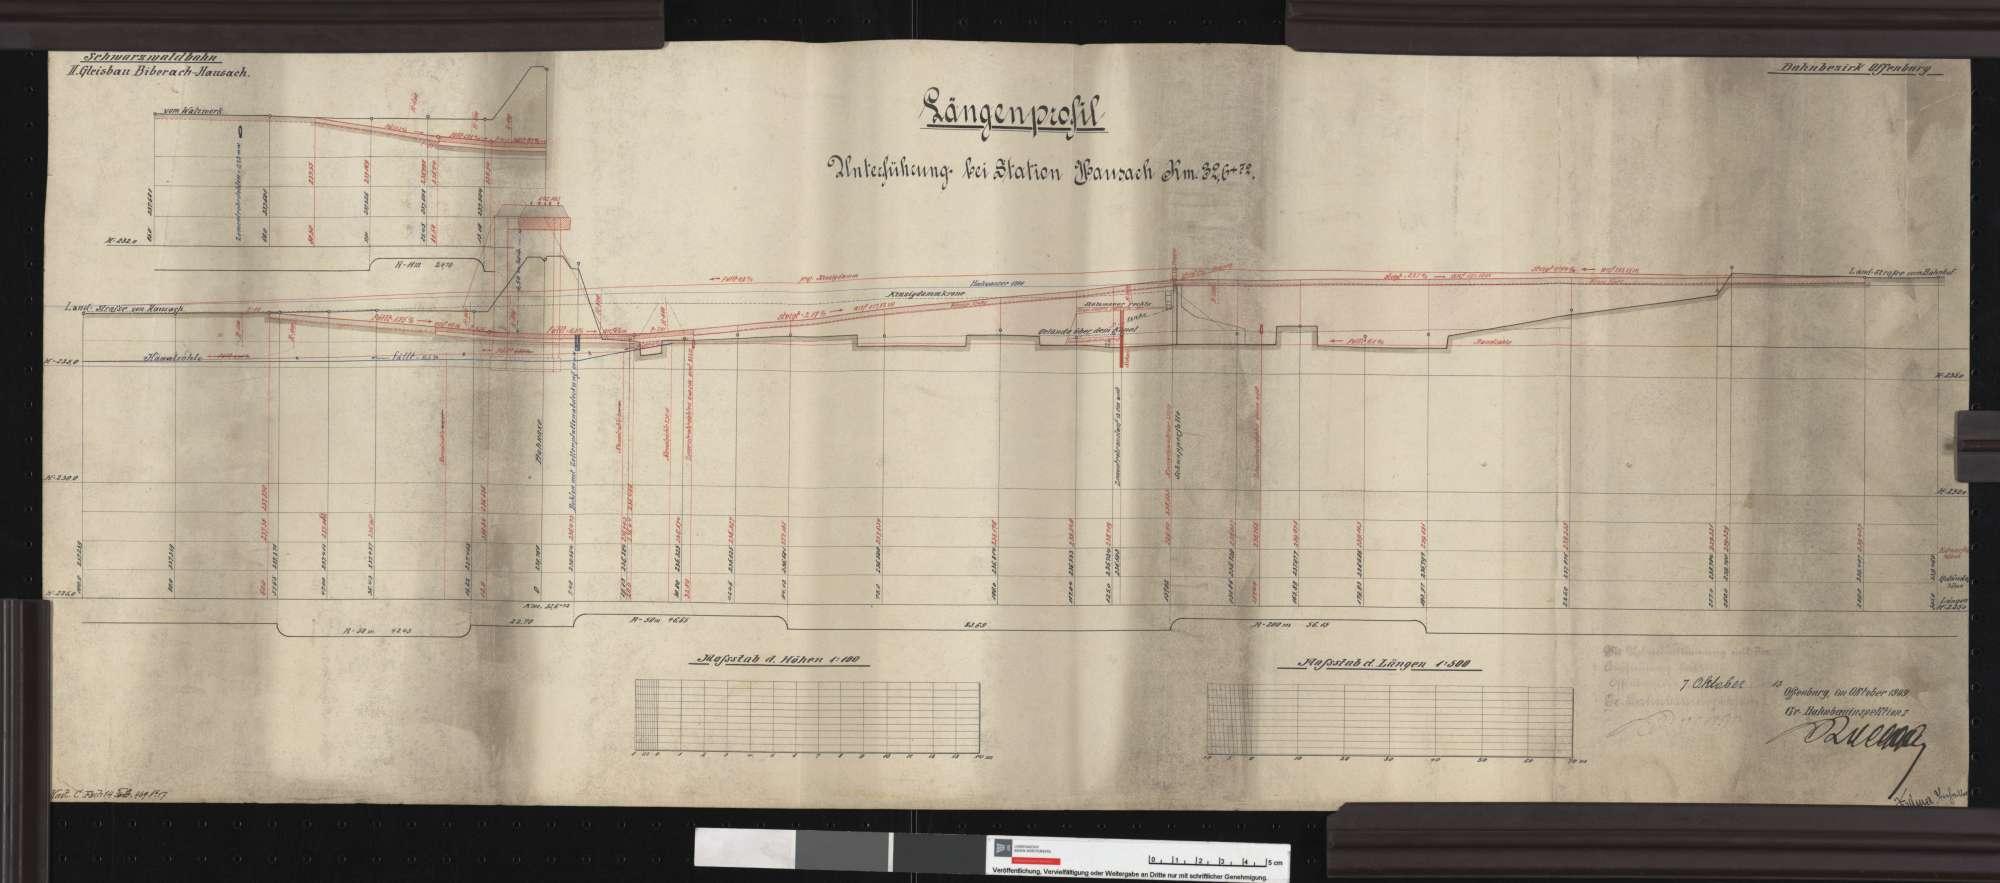 Längenprofil der Unterführung bei Station Hausach Streckenausschnitt: 32,6 km, Bild 1